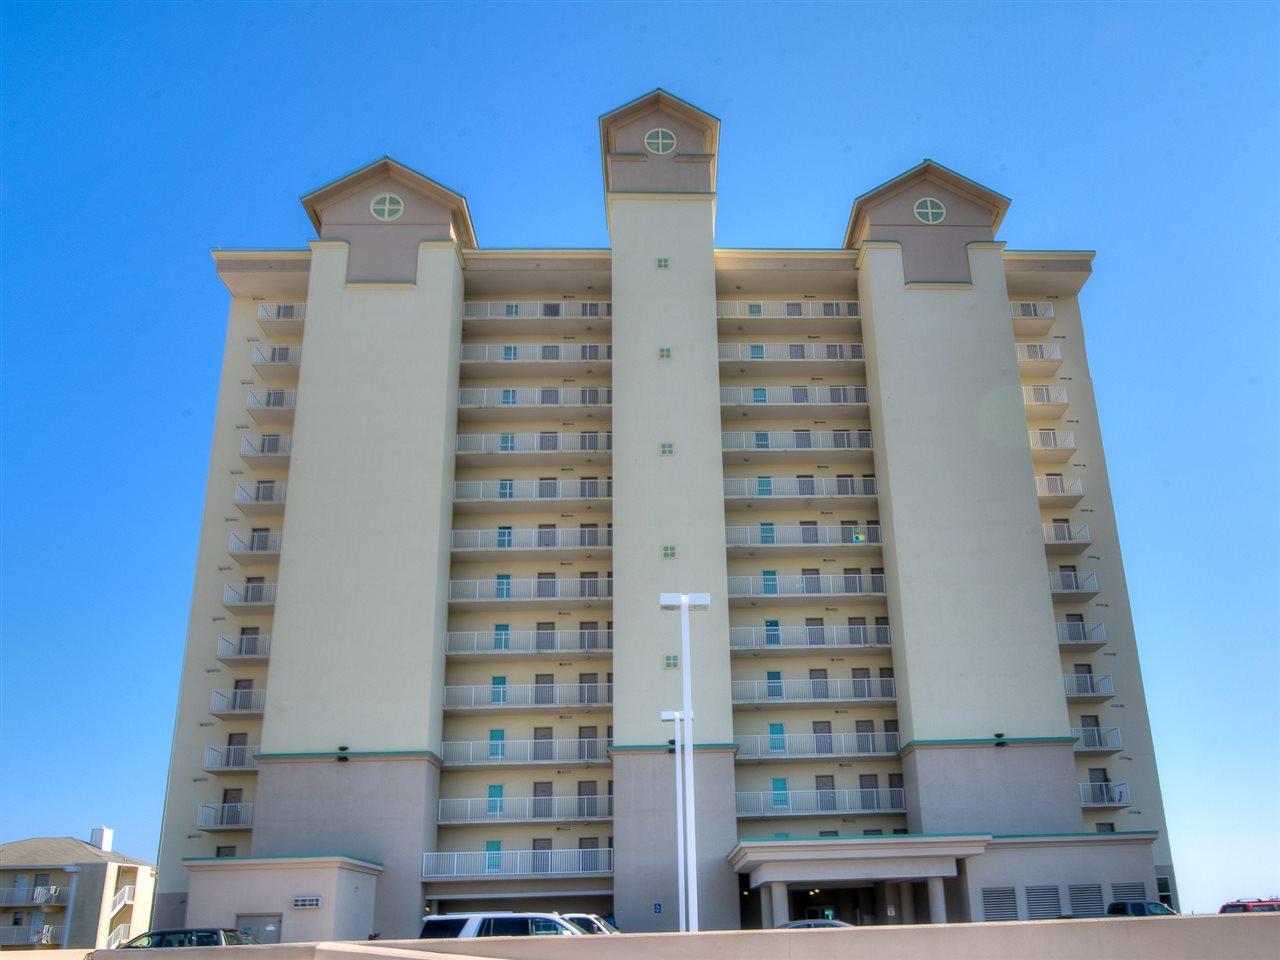 Gulf Shores Alabama Condo For Sale at Crystal Shores